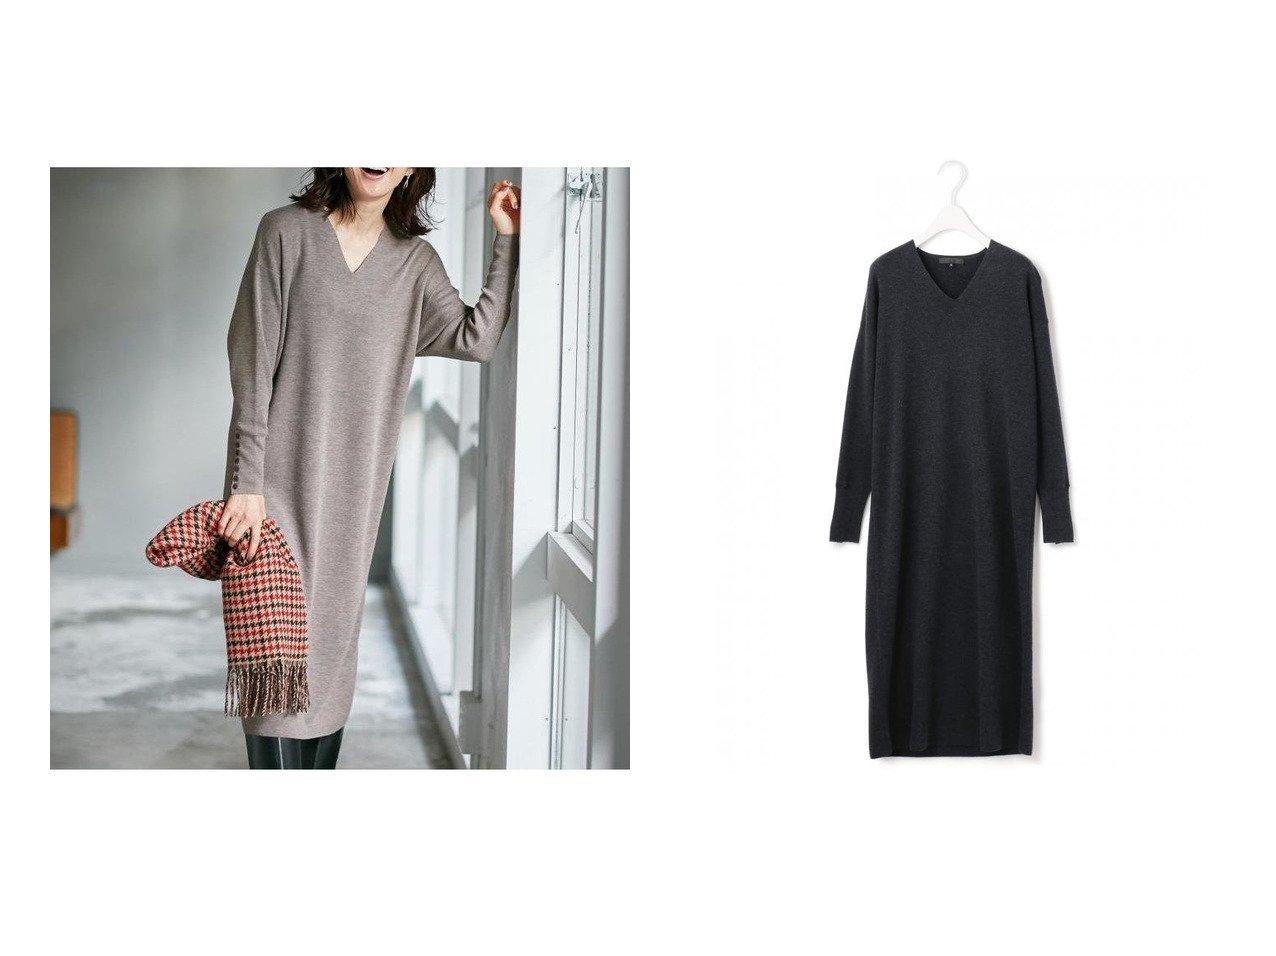 【iCB/アイシービー】のClearWool ニットワンピース ワンピース・ドレスのおすすめ!人気、トレンド・レディースファッションの通販 おすすめで人気の流行・トレンド、ファッションの通販商品 メンズファッション・キッズファッション・インテリア・家具・レディースファッション・服の通販 founy(ファニー) https://founy.com/ ファッション Fashion レディースファッション WOMEN ワンピース Dress ニットワンピース Knit Dresses 2020年 2020 2020-2021 秋冬 A/W AW Autumn/Winter / FW Fall-Winter 2020-2021 A/W 秋冬 AW Autumn/Winter / FW Fall-Winter ジャケット ストール チェック デコルテ バランス 楽ちん  ID:crp329100000013742